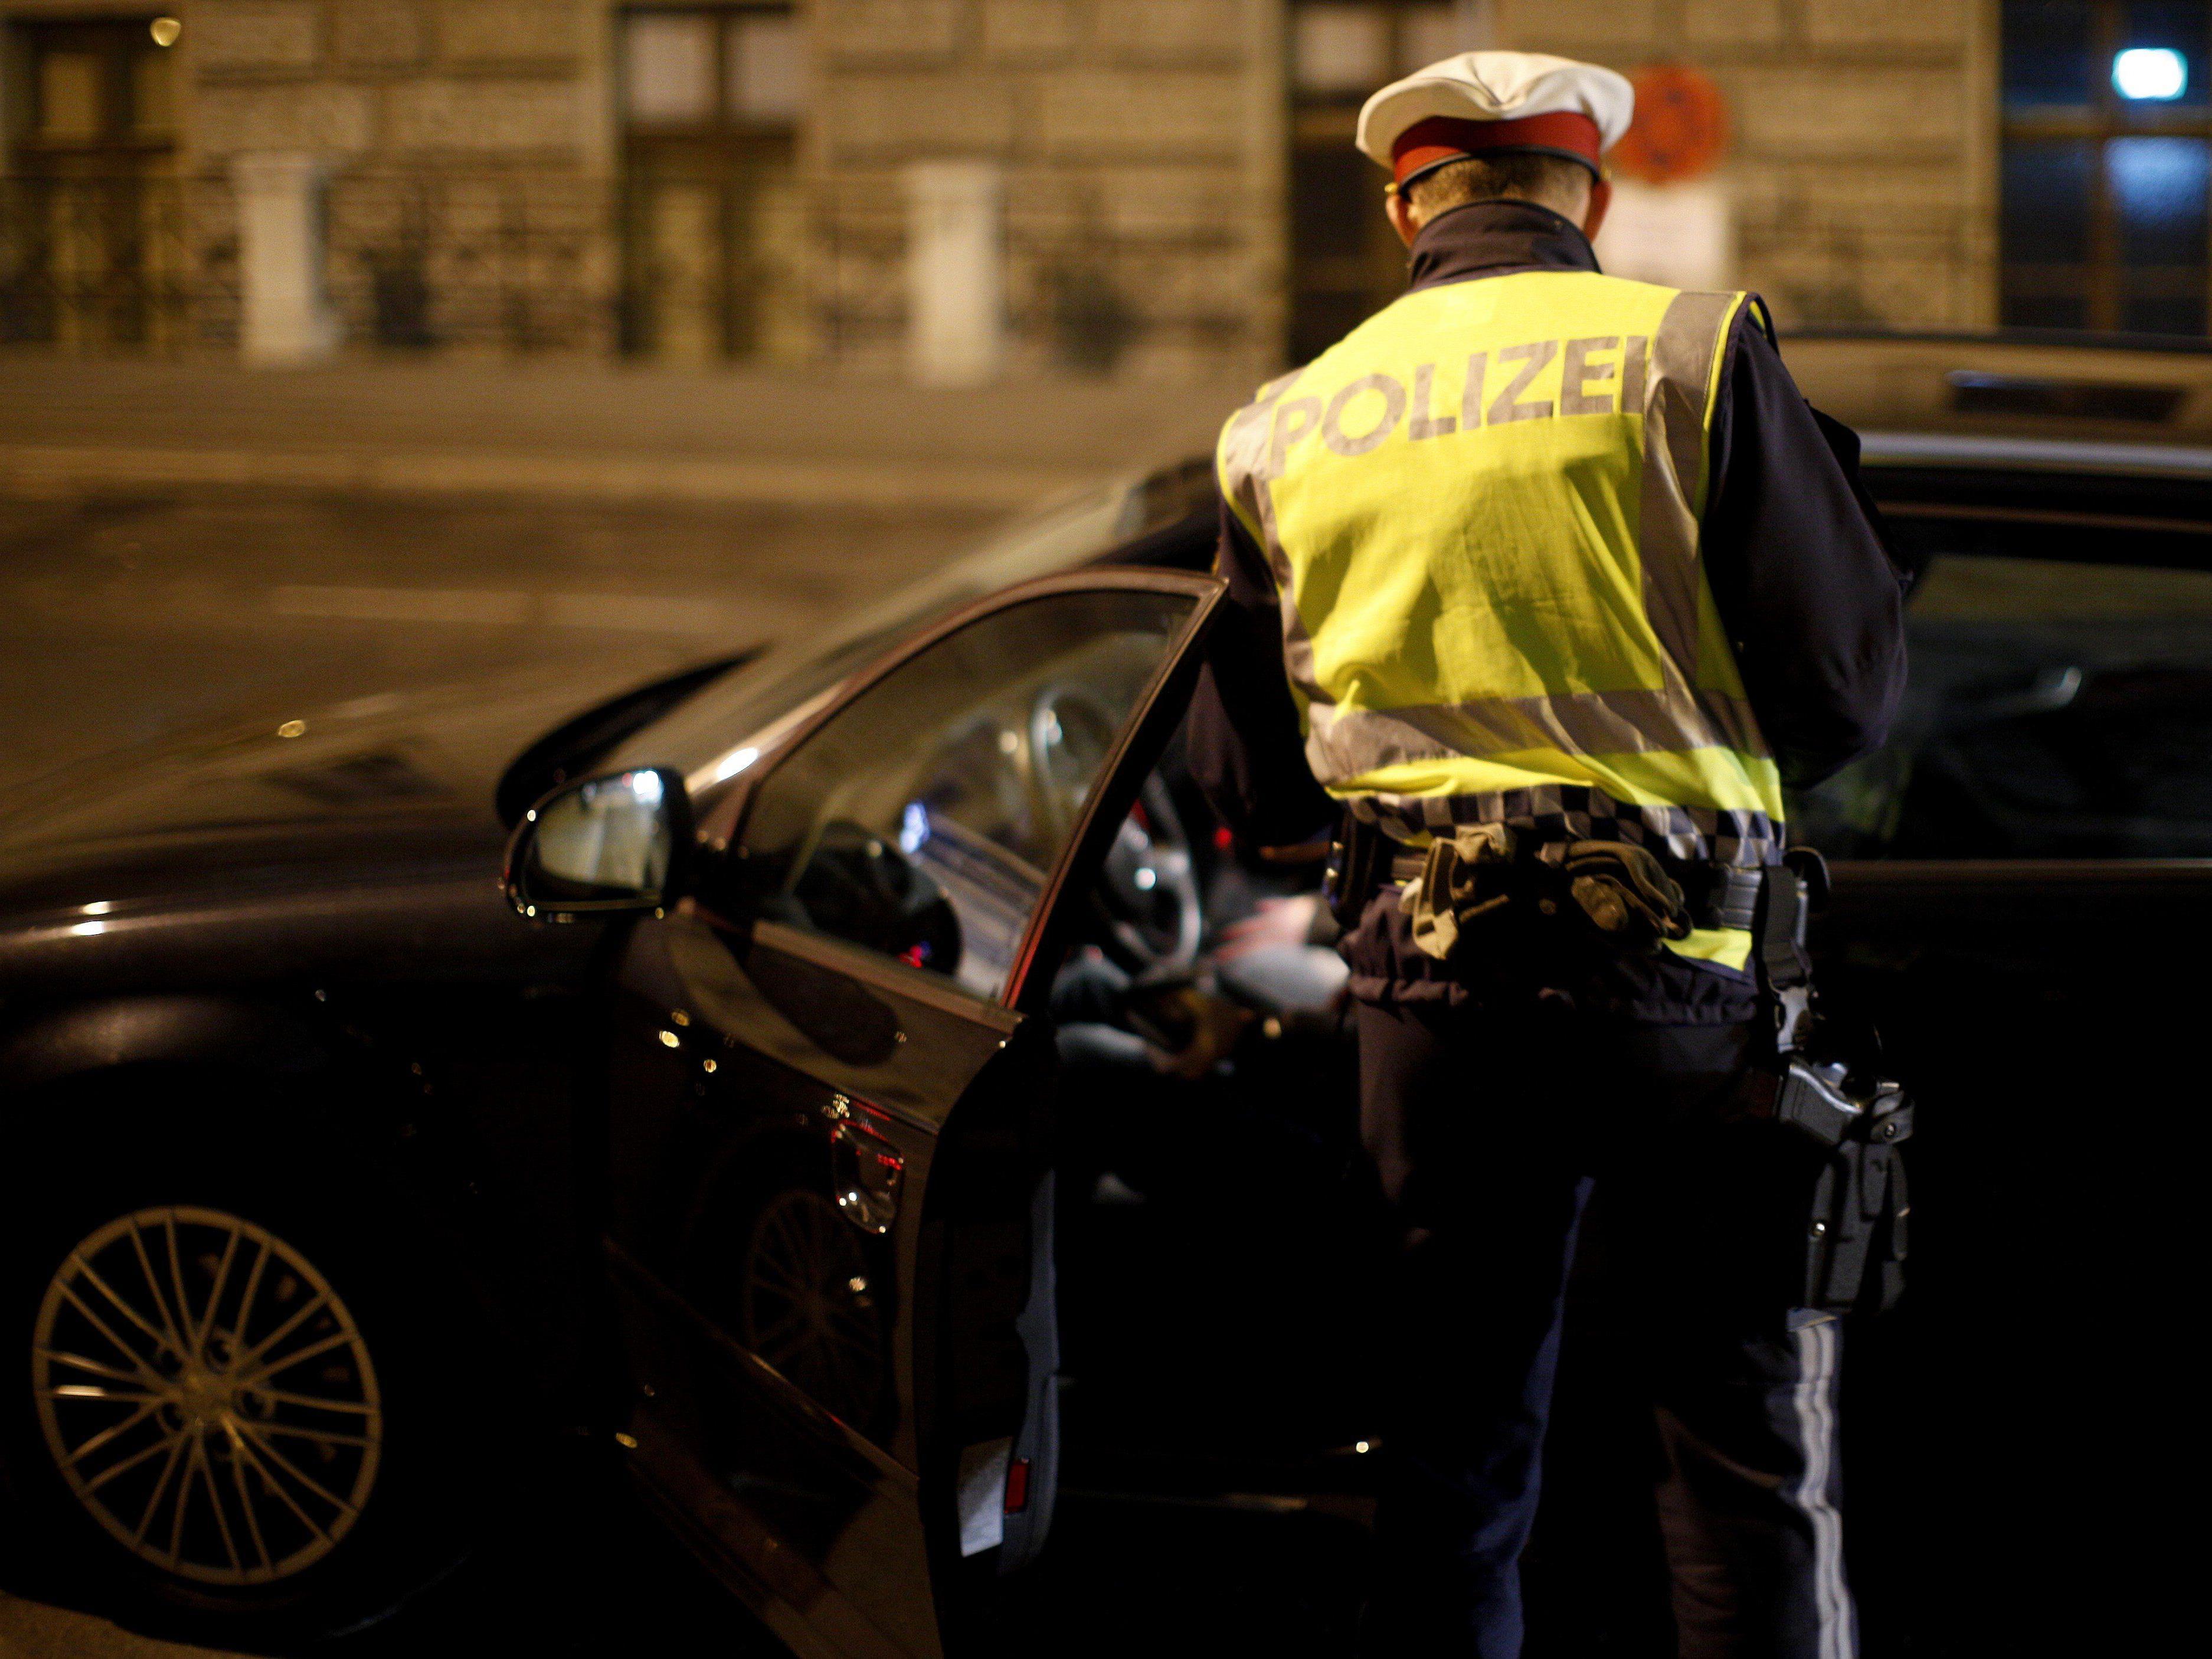 Ein Verkehrsunfall führte die Polizei auf die Marihuana-Spur.